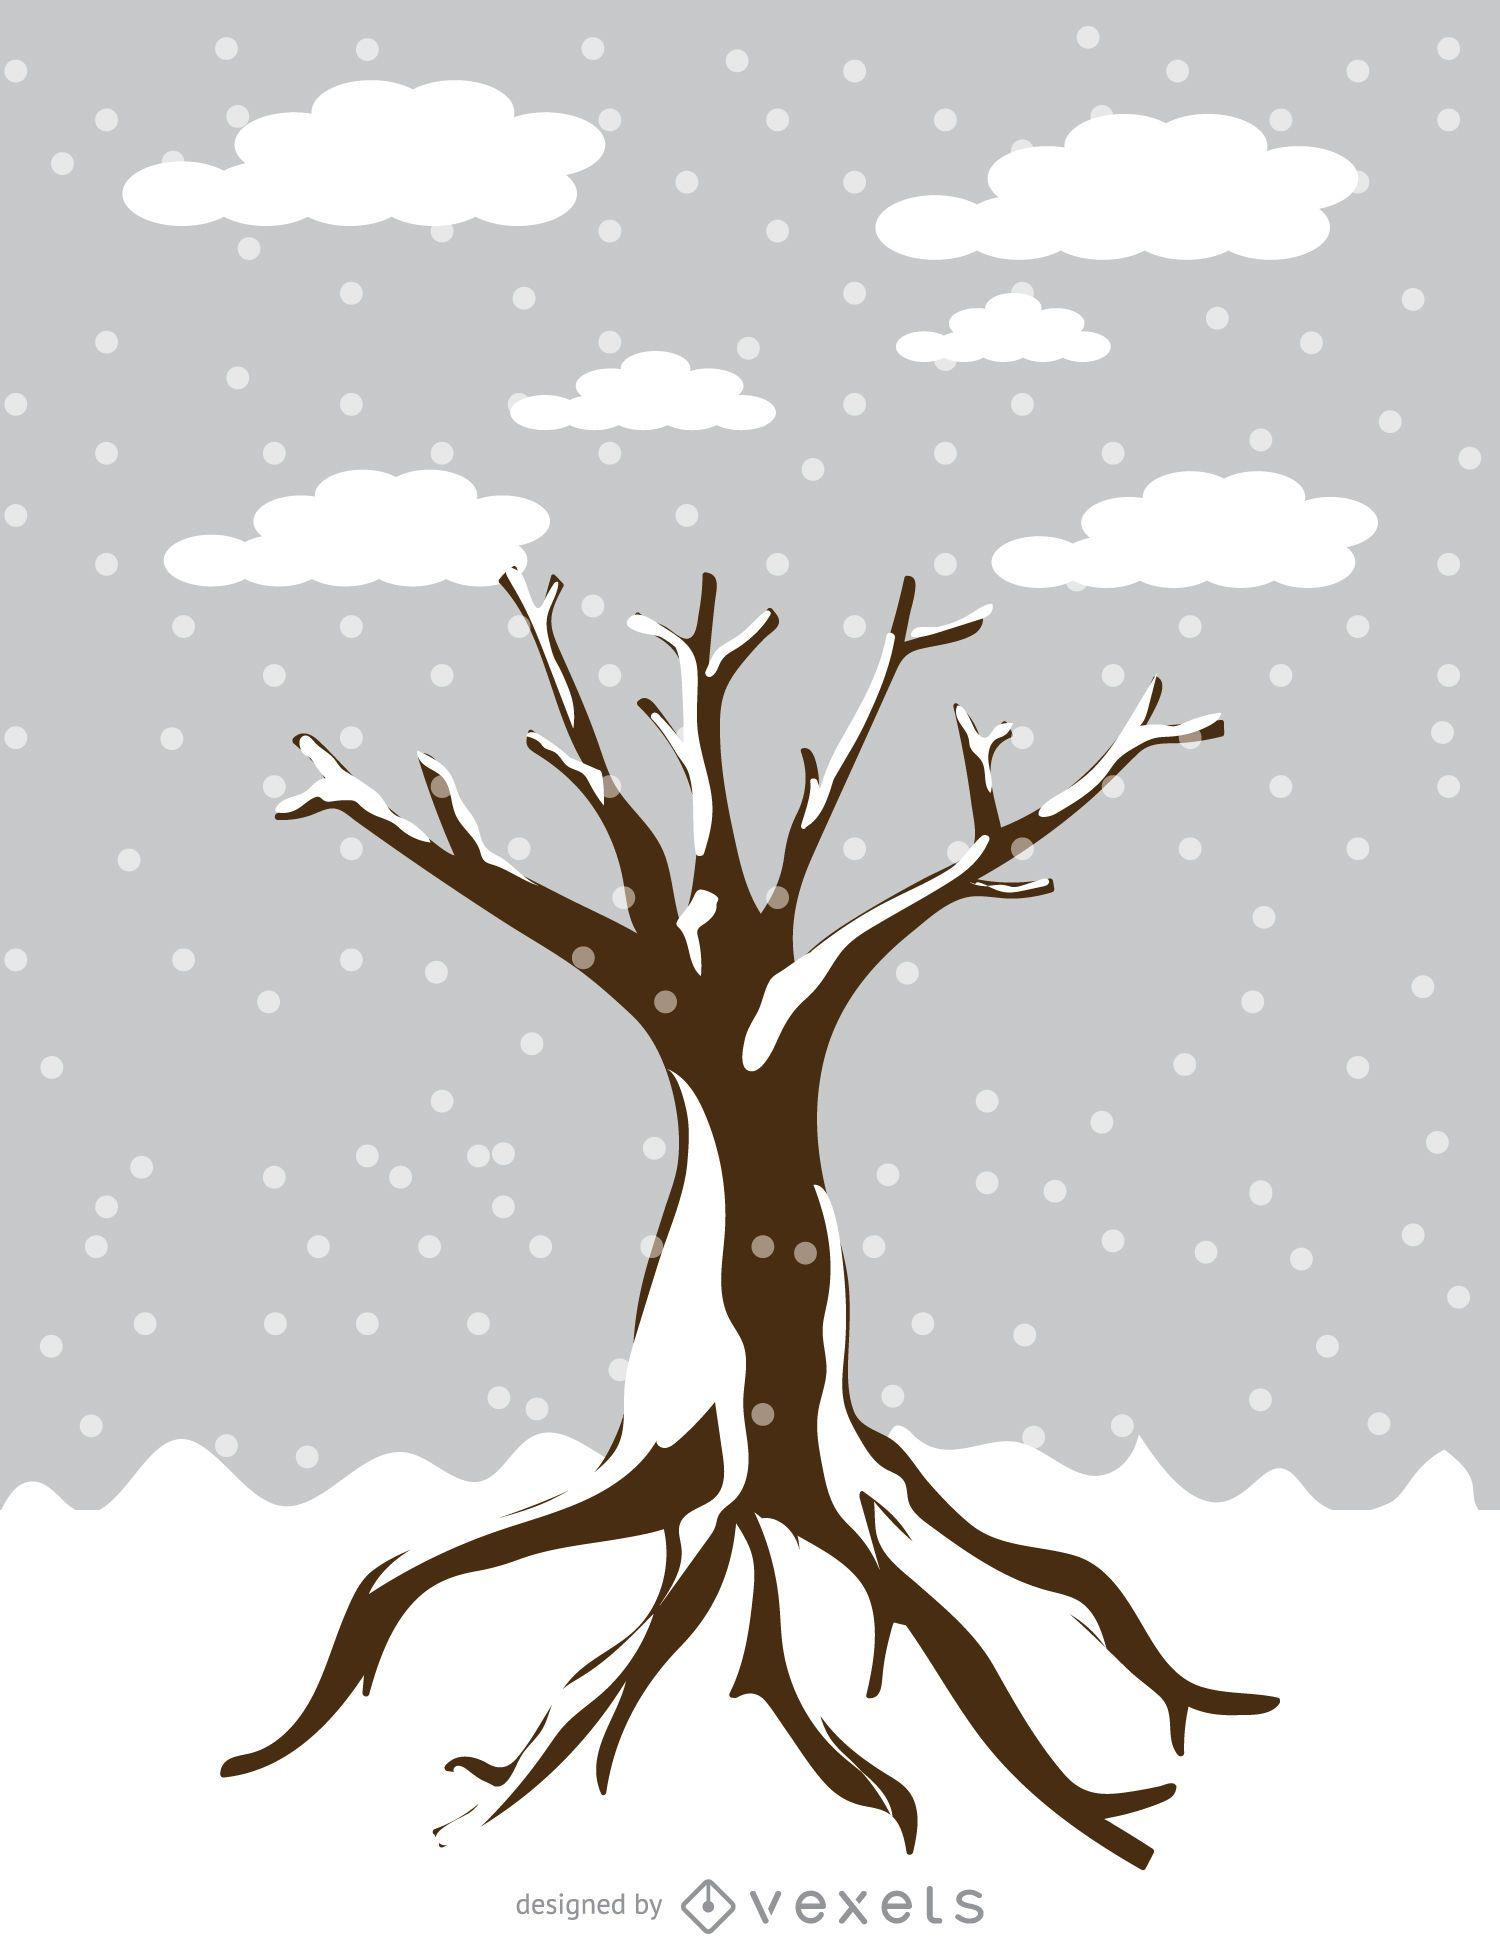 Snowy tree in cartoon style